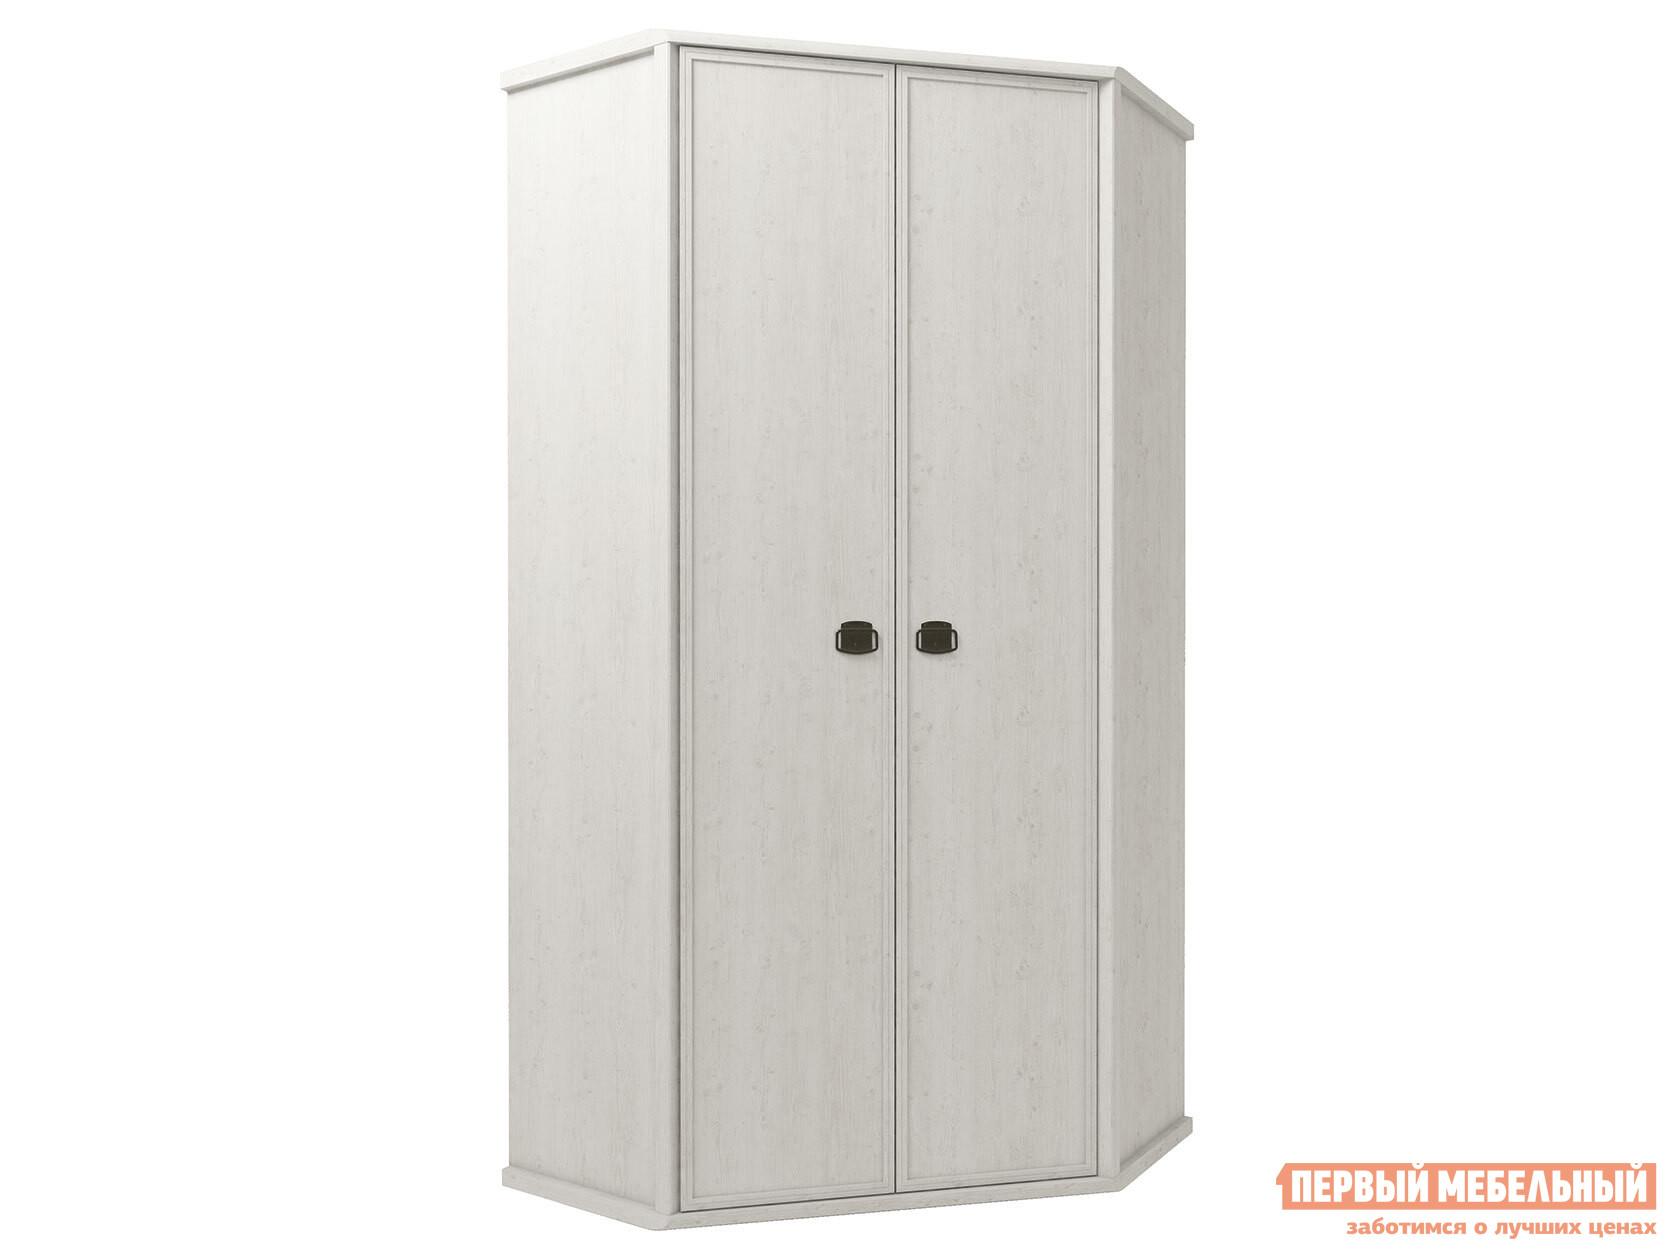 Угловой шкаф Первый Мебельный Шкаф угловой Магеллан